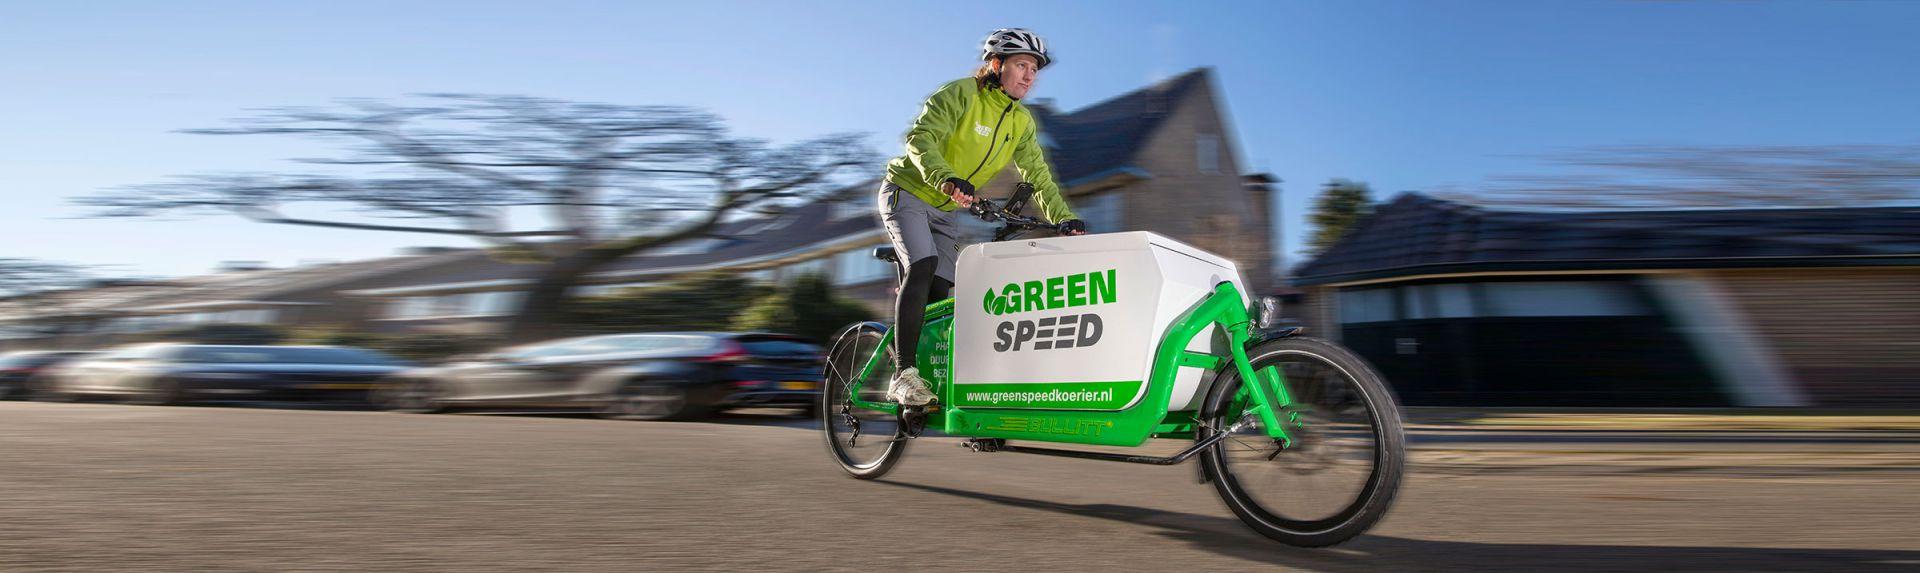 Greenspeed Fietskoerier Hilversum